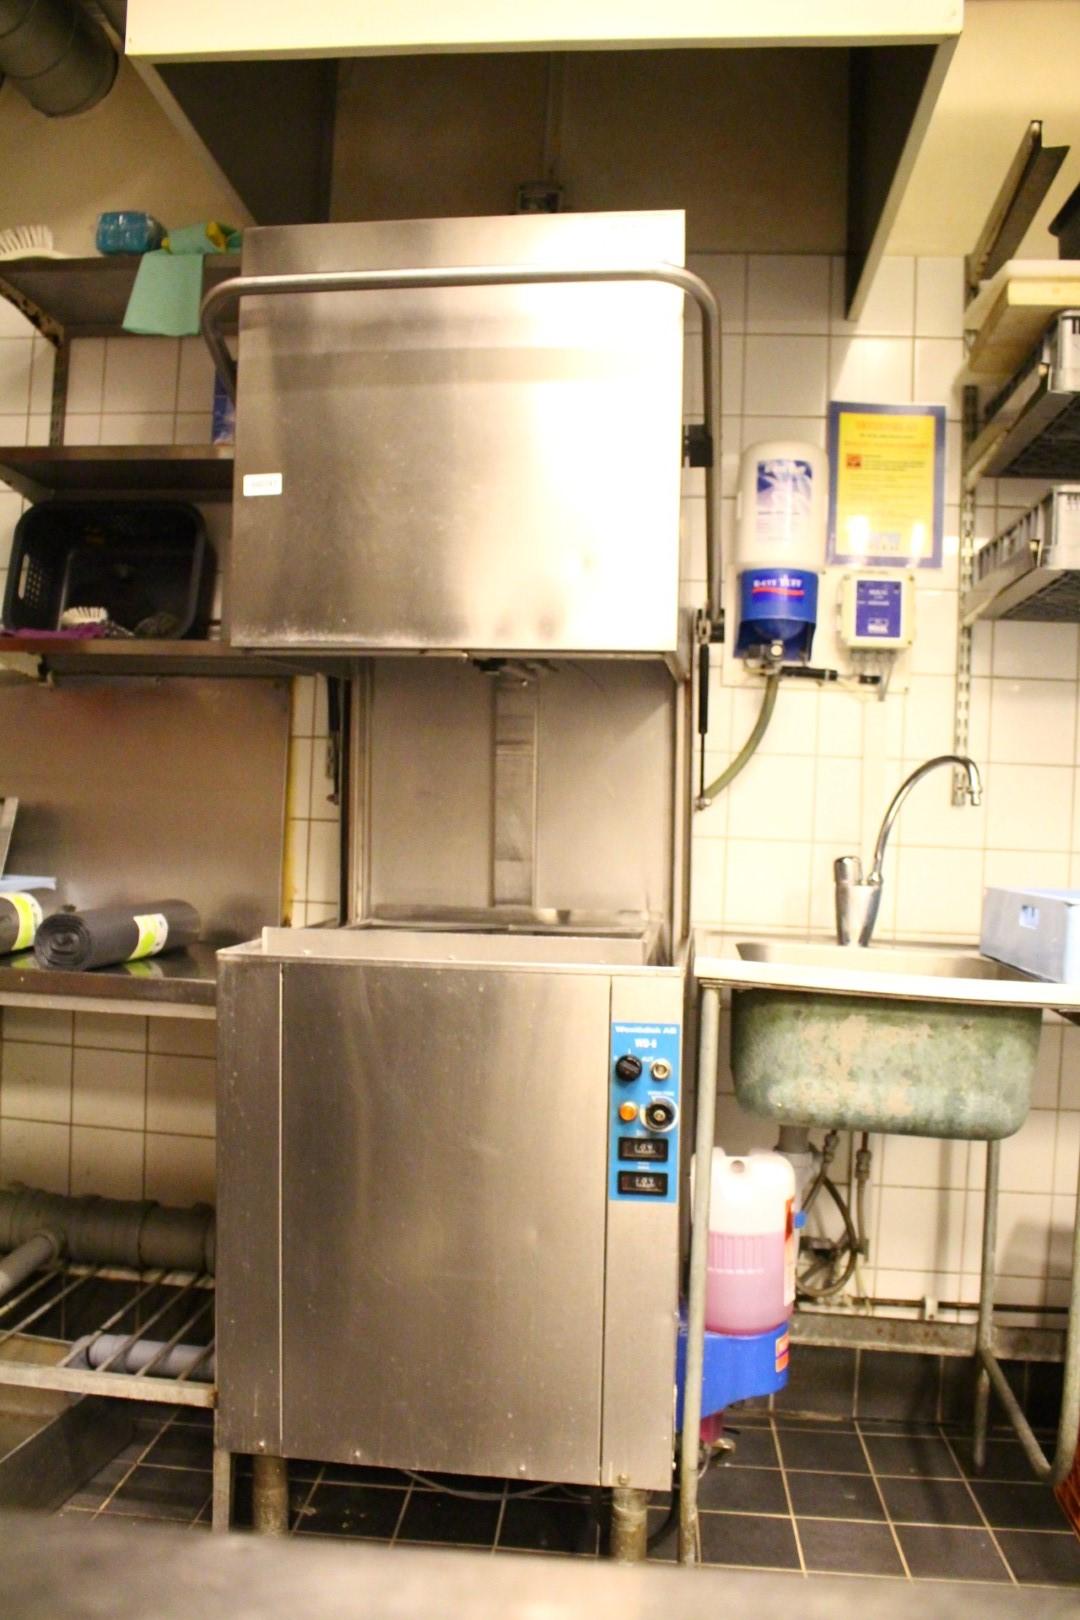 Inredning diskmaskin bosch : Diskmaskin , Wexiödisk, och Diskbänkar - PS Auction